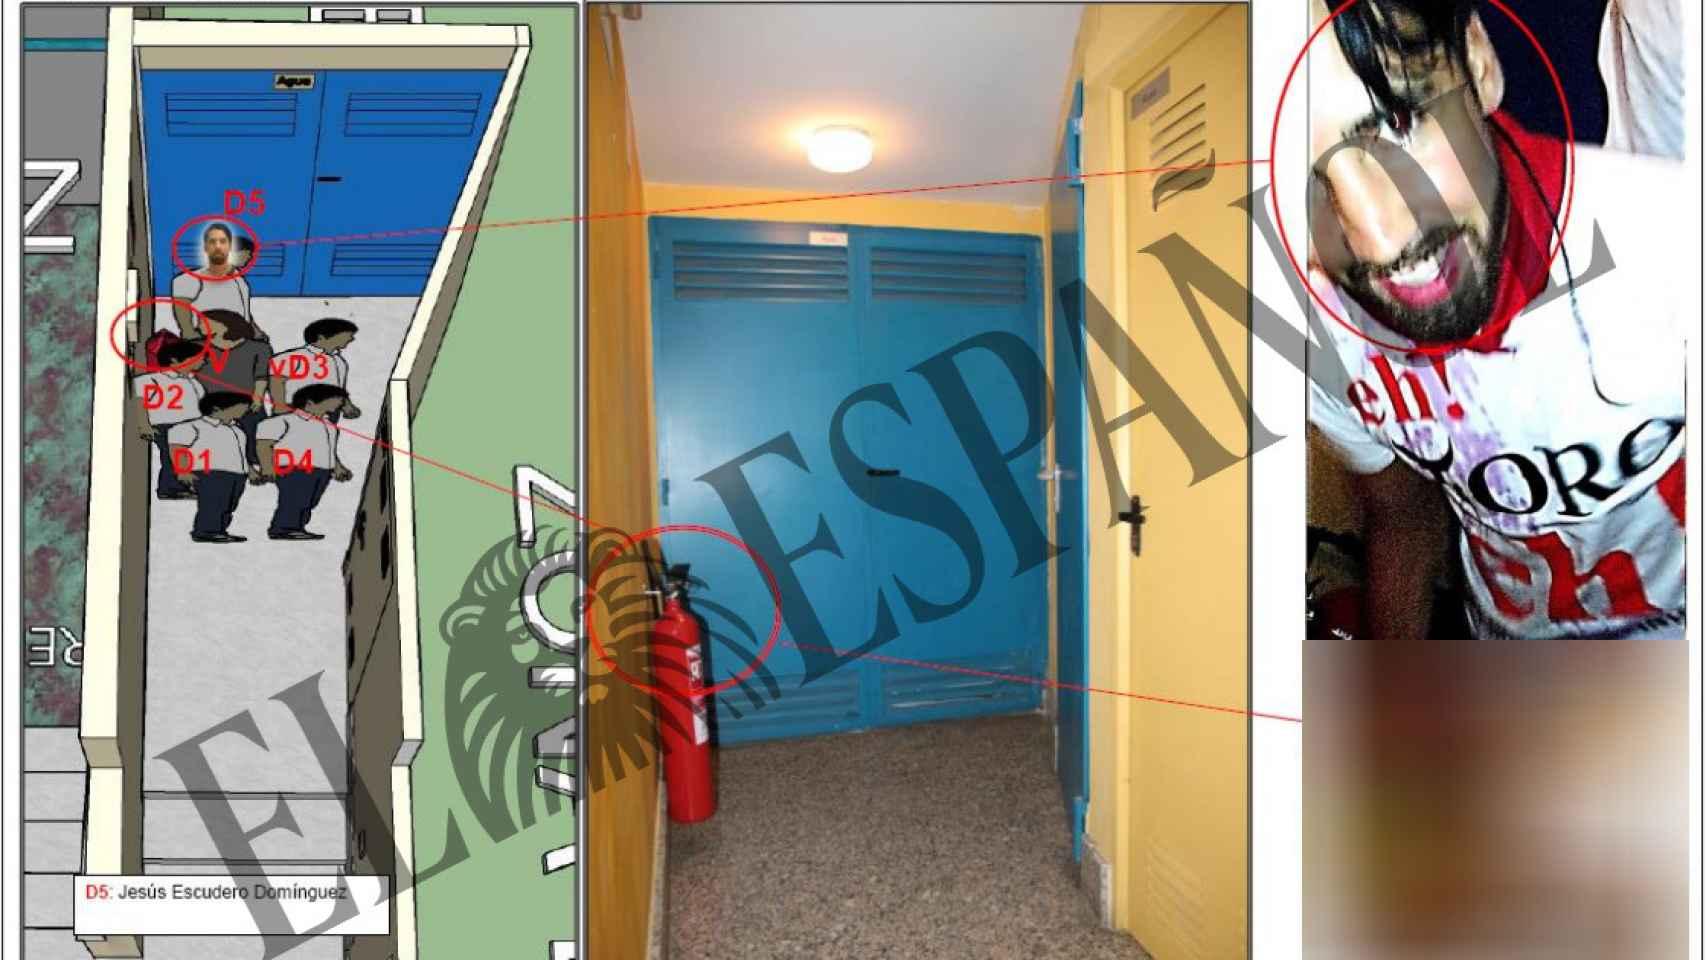 Croquis del portal de Pamplona: a la izquierda, posiciones de los jóvenes sevillanos y la joven denunciante según el informe pericial de los vídeos; a la derecha, detalle de uno de ellos, Jesús Escudero.